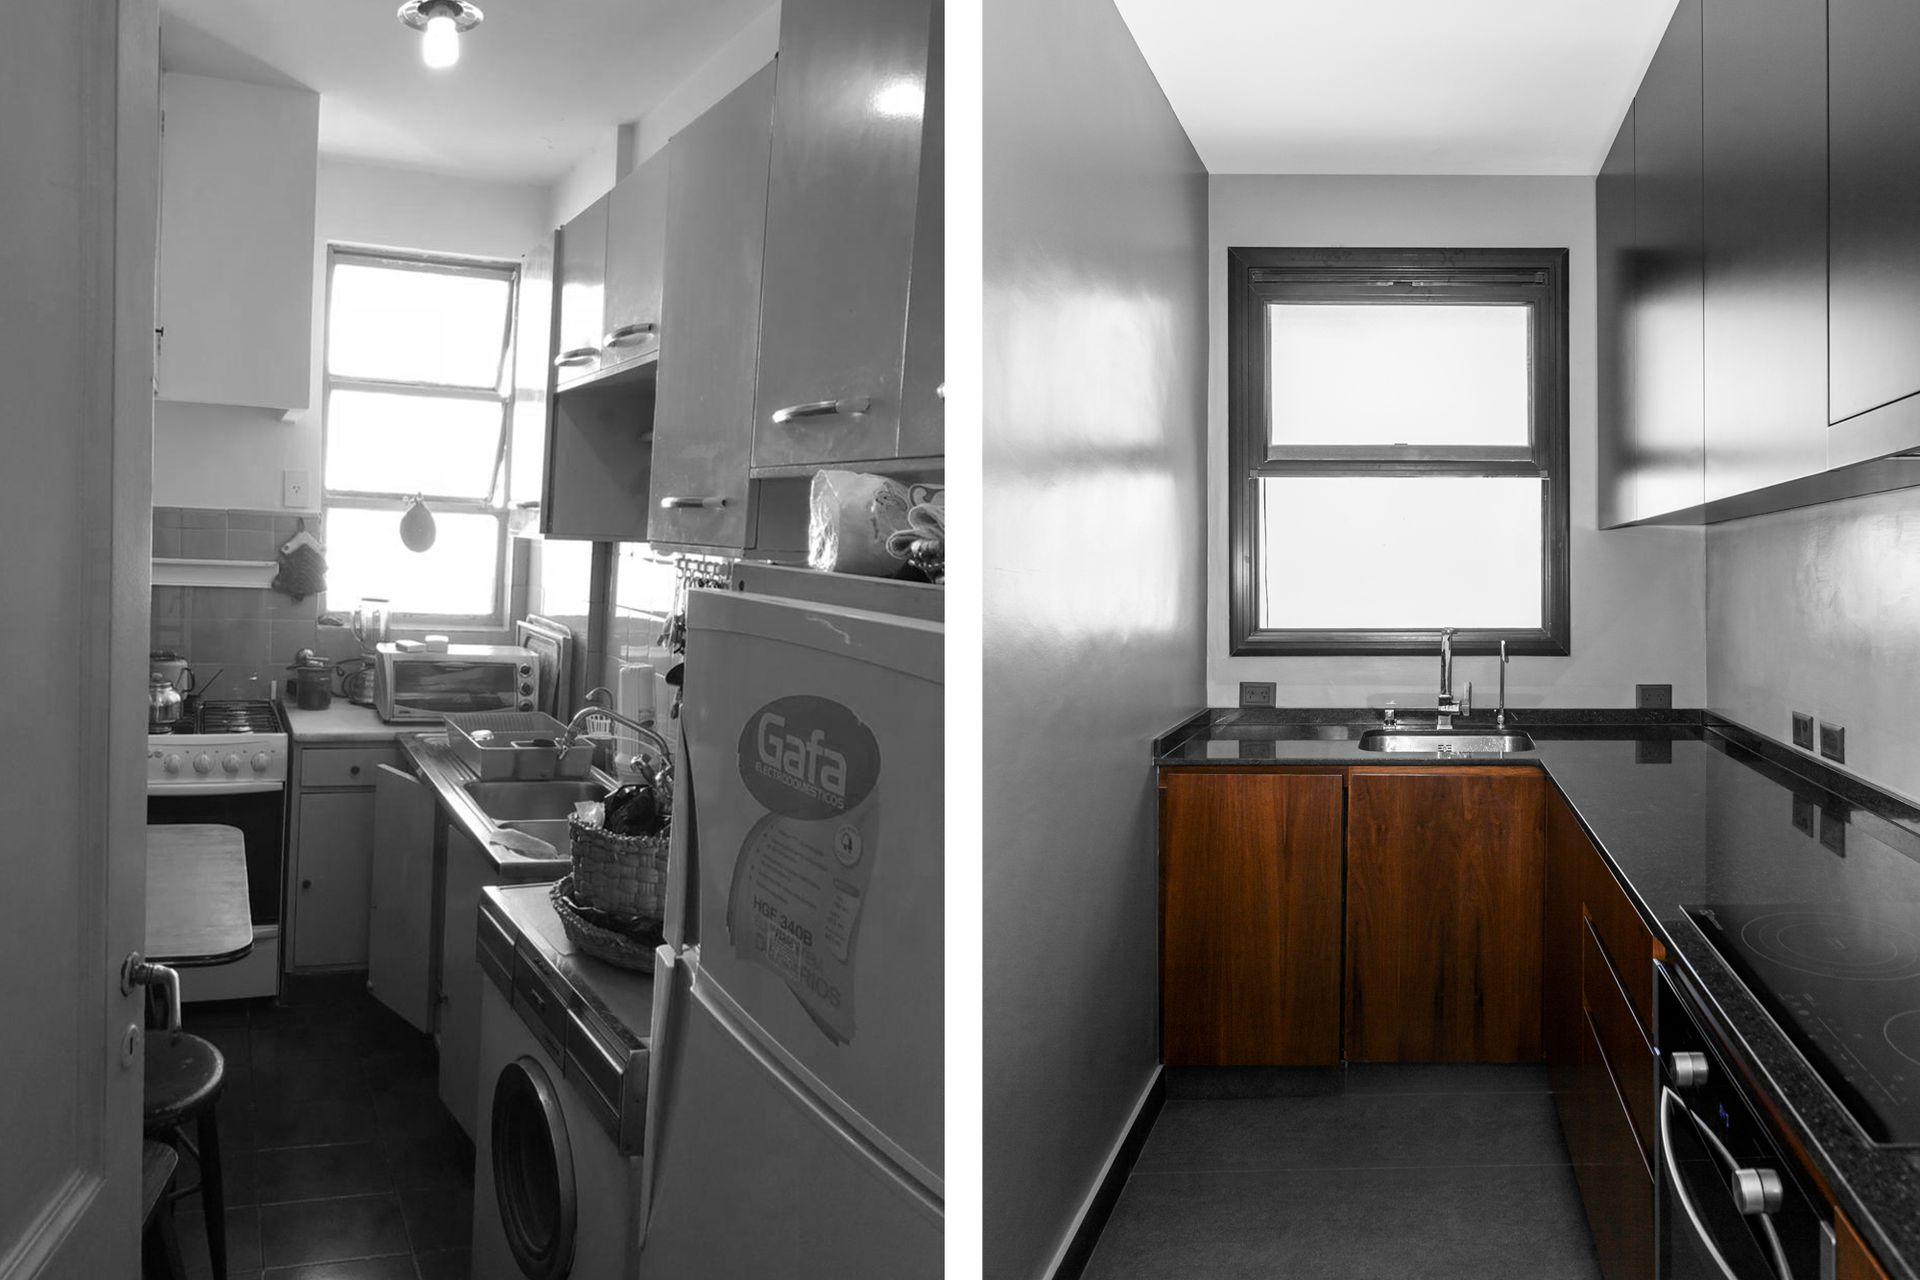 La intervención incluyó un lavadero que permitió refuncionalizar la cocina. Piso de porcellanato (Vite Porcellanato), amoblamiento enchapado en Petiribí, mesada de granito (MD Dodera), pileta (Johnson) con monocomando (FV) y alacenas laqueadas.